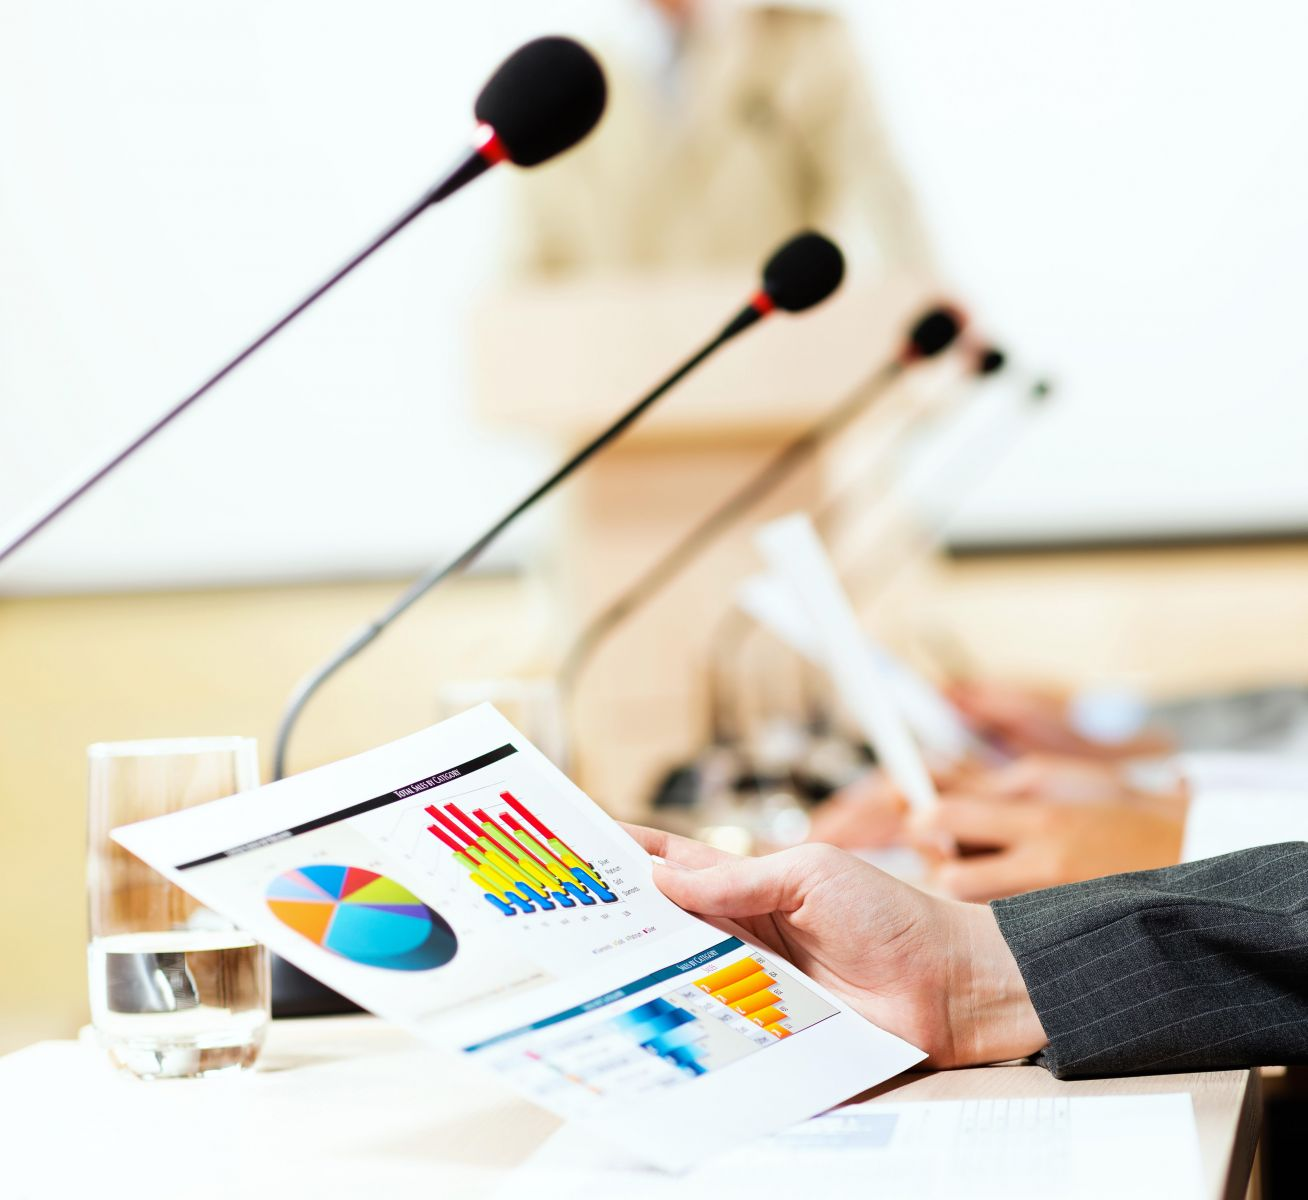 Уважаемые участники VII Всероссийской научно-практической конфер